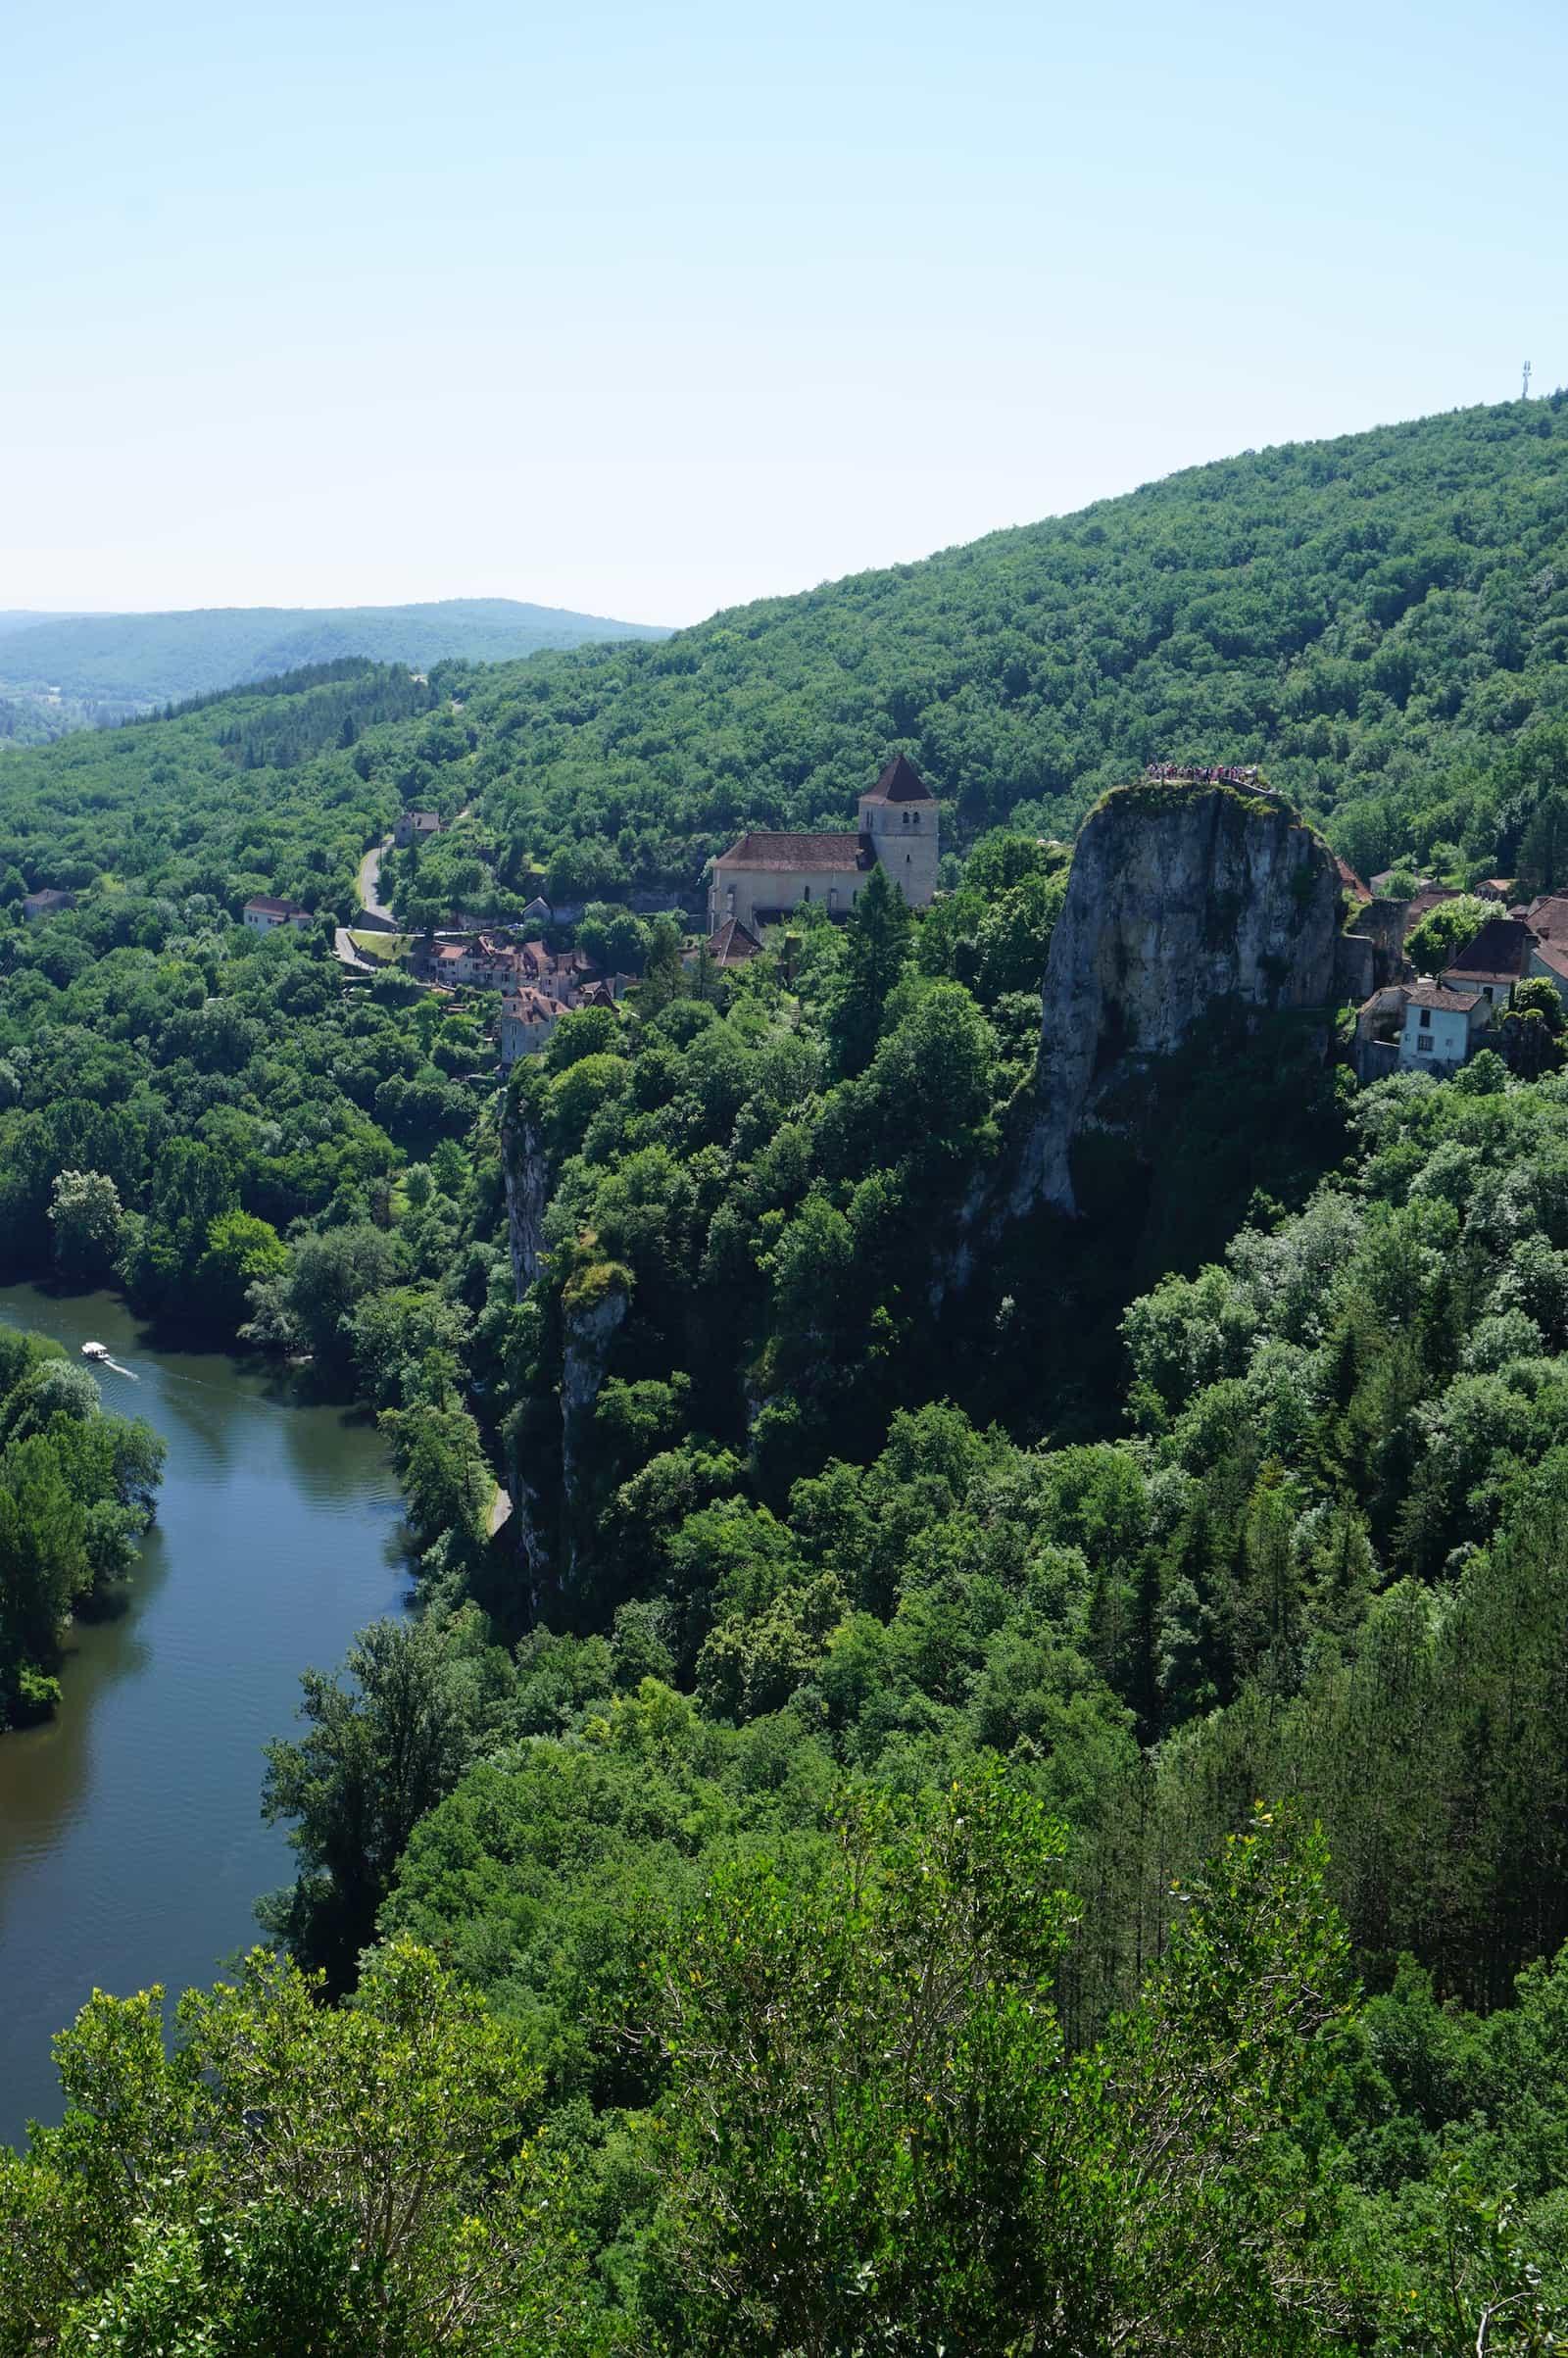 Vue sur Saint-Cirq-Lapopie - Lot - Tourisme Occitanie